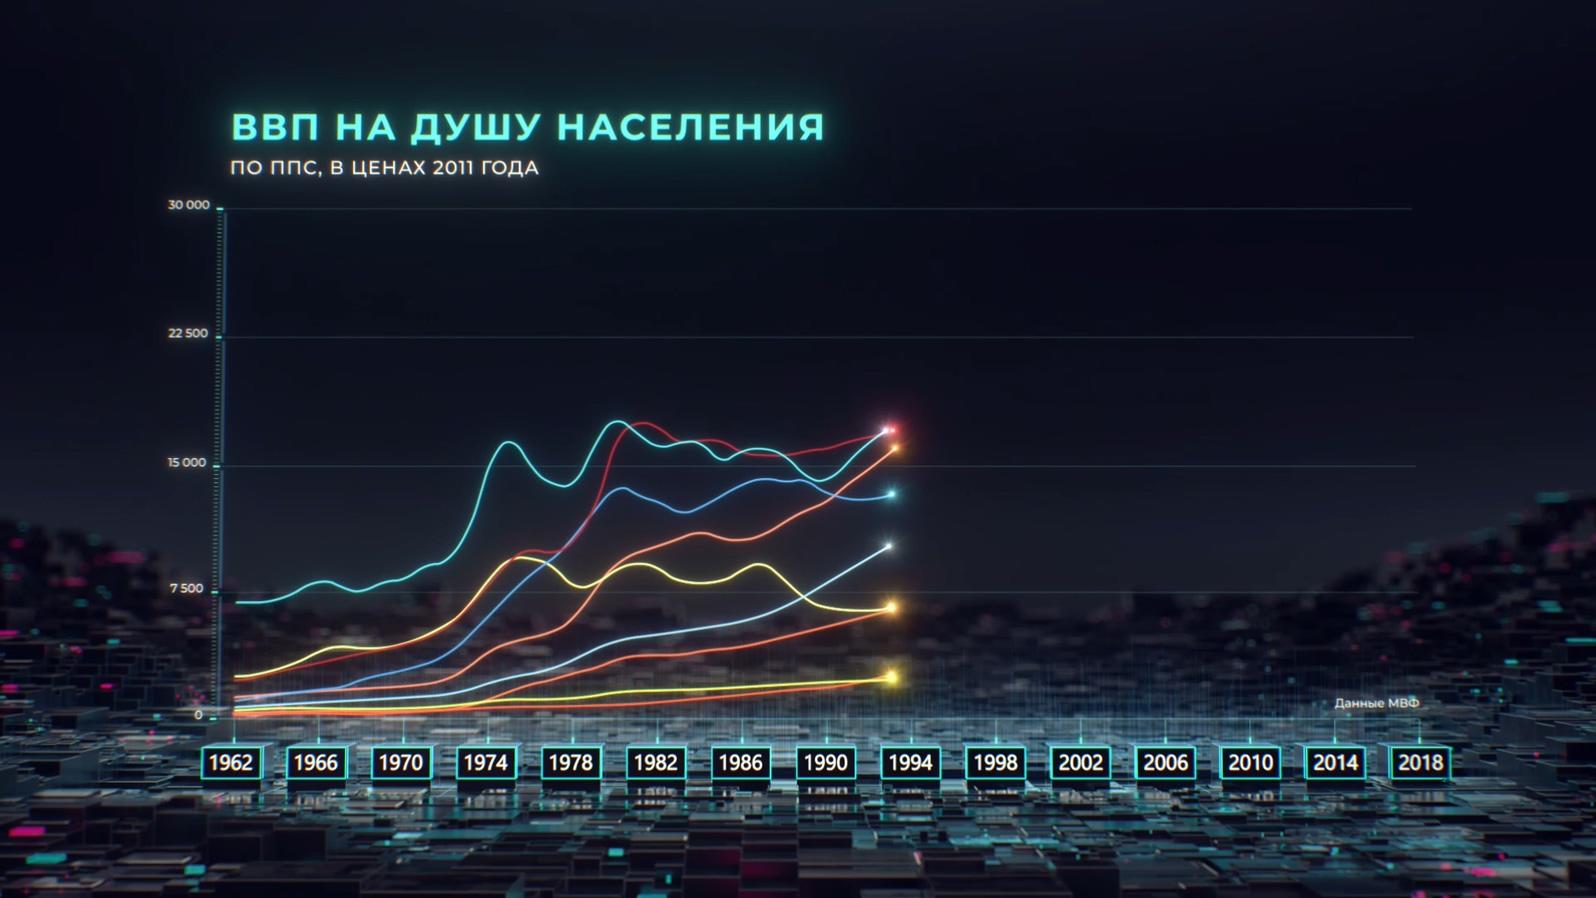 年代发展历史数据光线抽象科技芯片矩阵BOX时间线柱状图